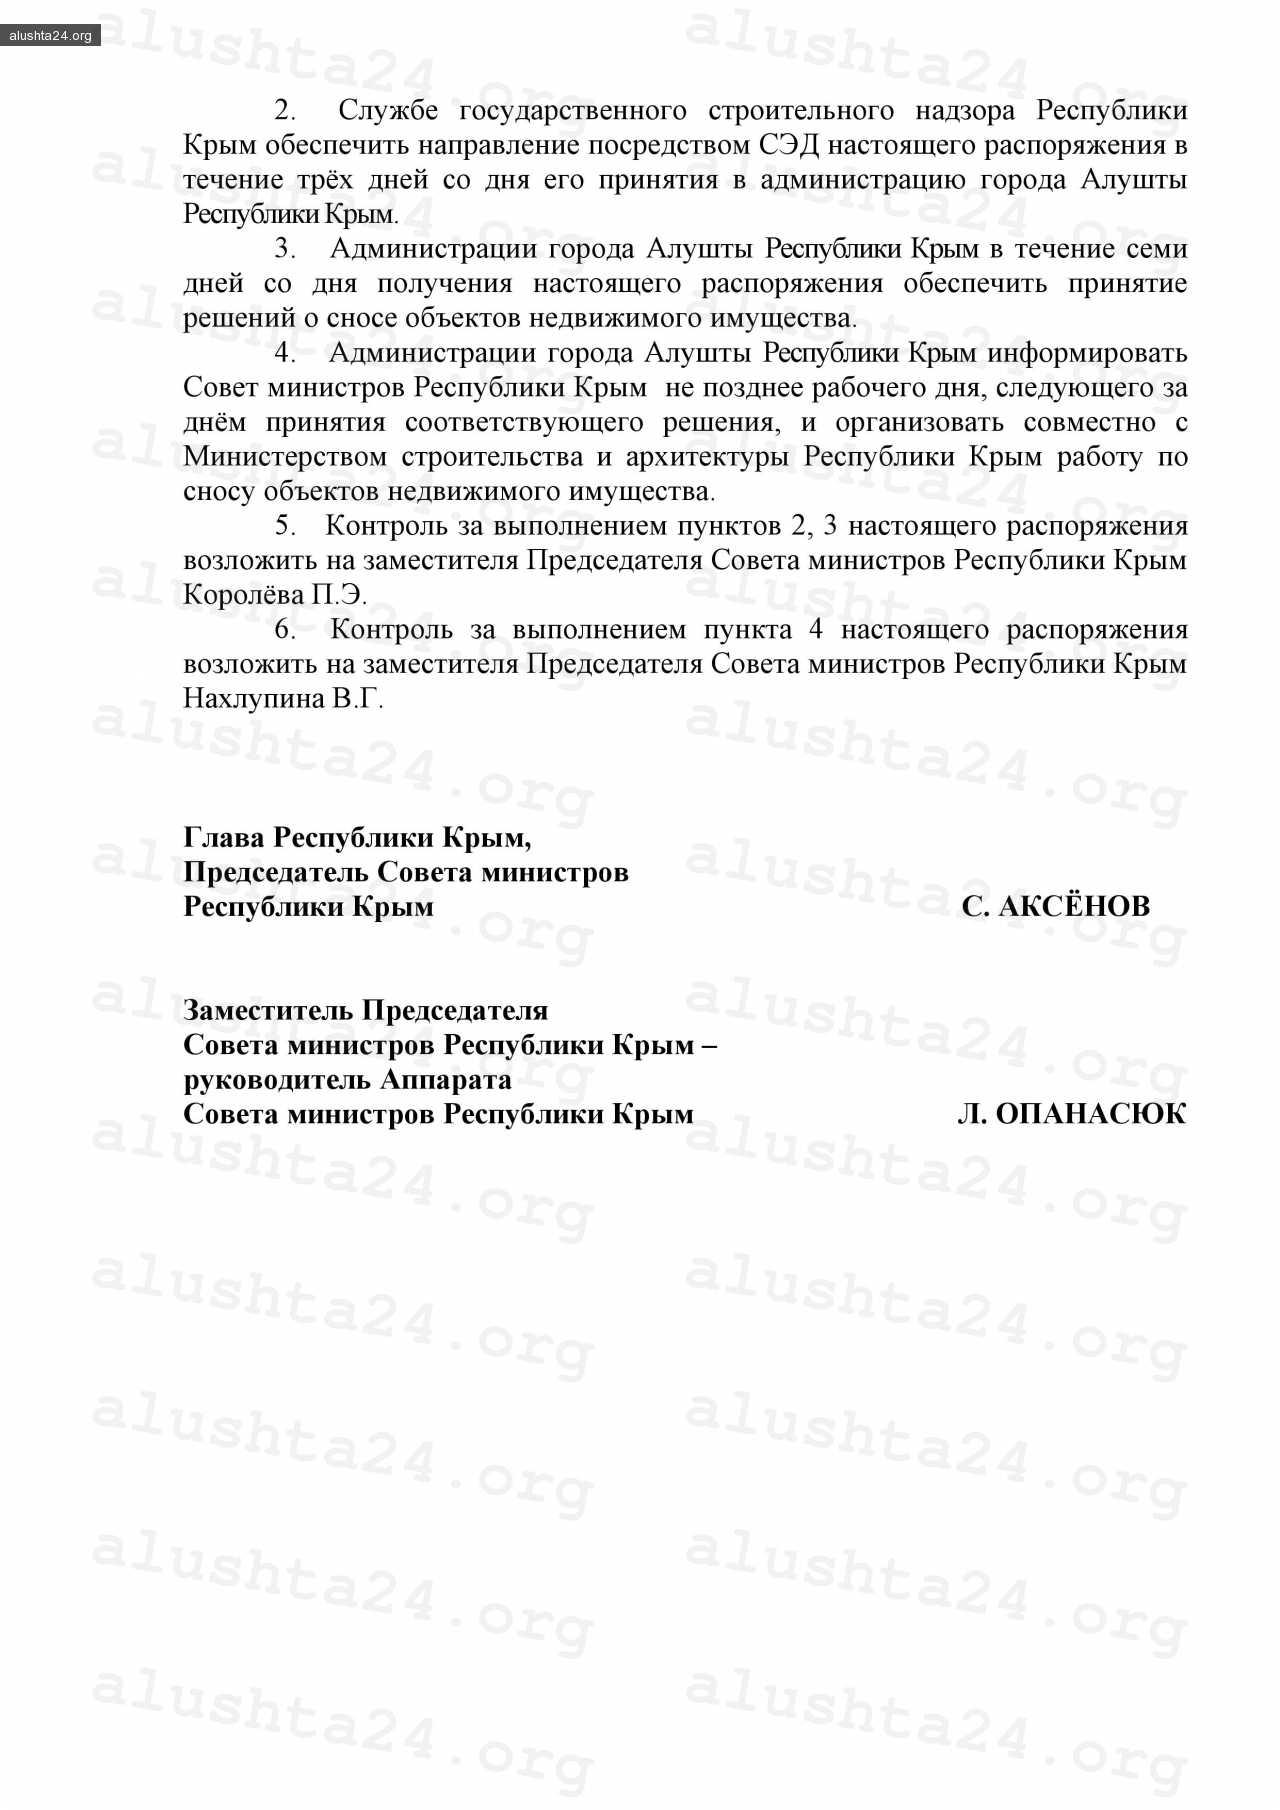 Все об Алуште: Власти Крыма распорядились снести отель, кафе и торговый павильон на набережной Алушты